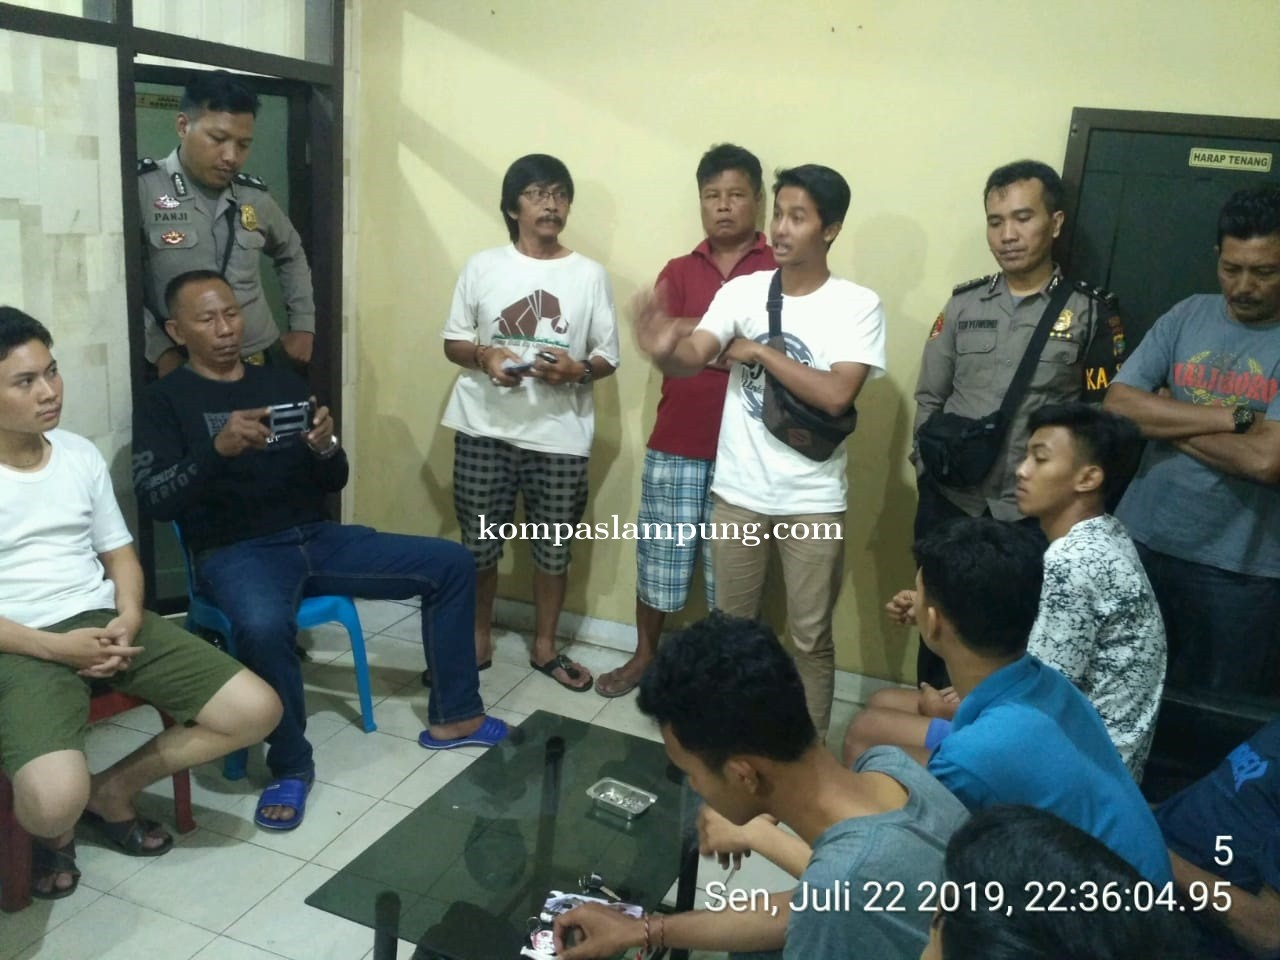 2 Orang Terluka Akibat Tawuran Pelajar Di Depan Rusunawa Iringmulyo